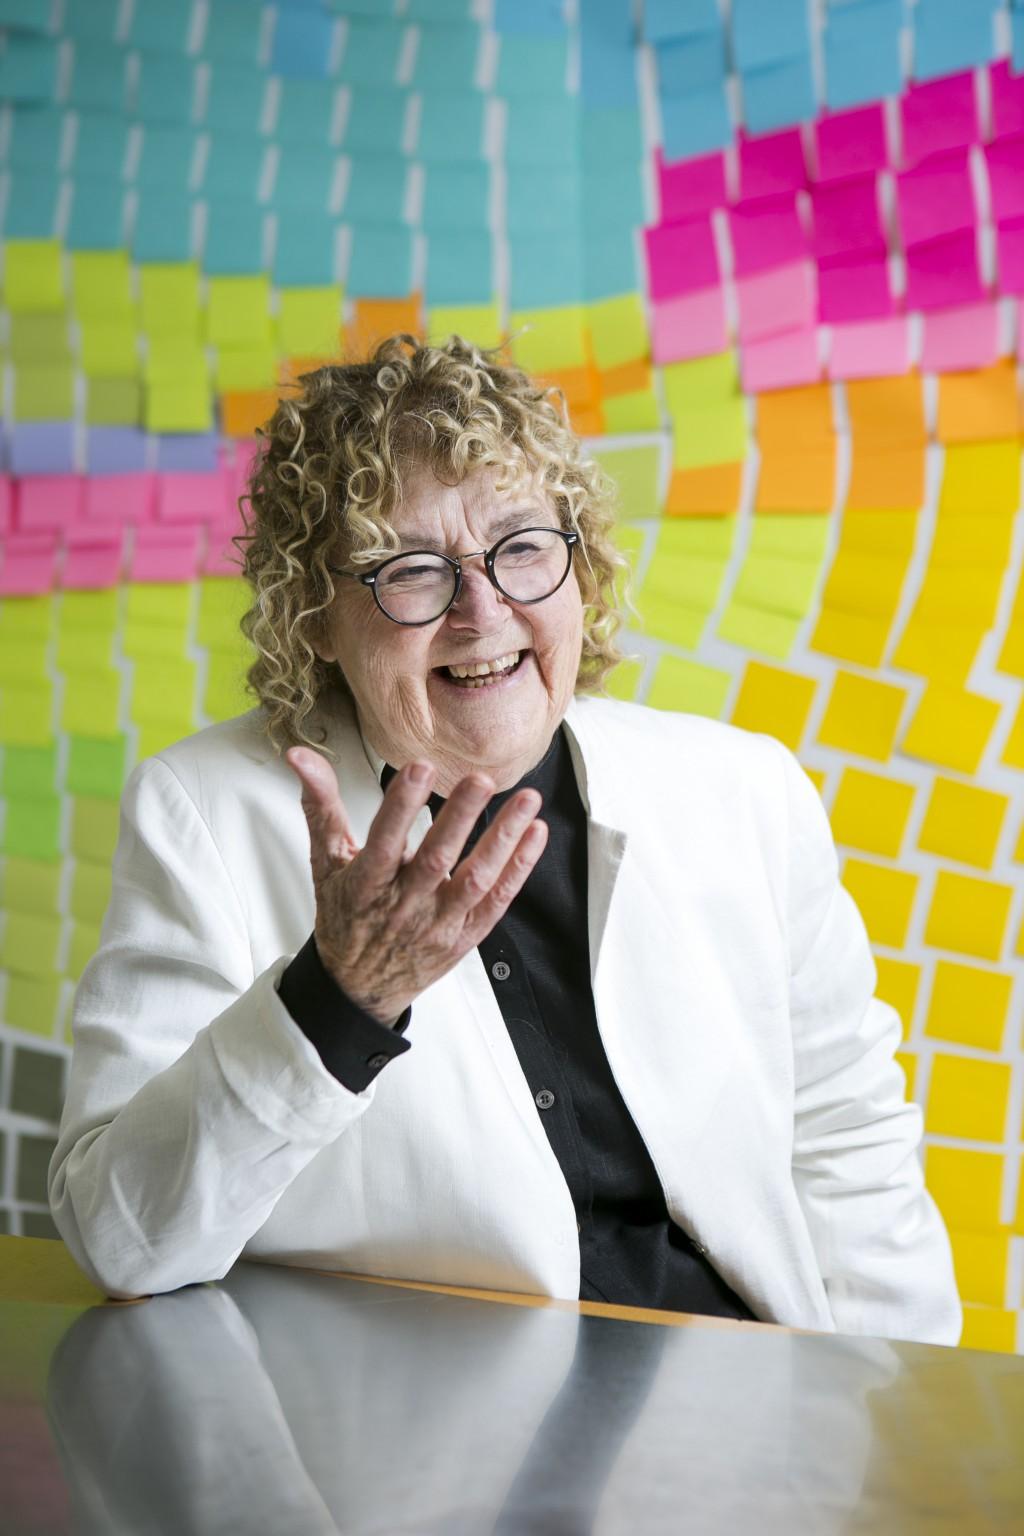 Chân dung kiến trúc sư cảnh quan Diana Balmori